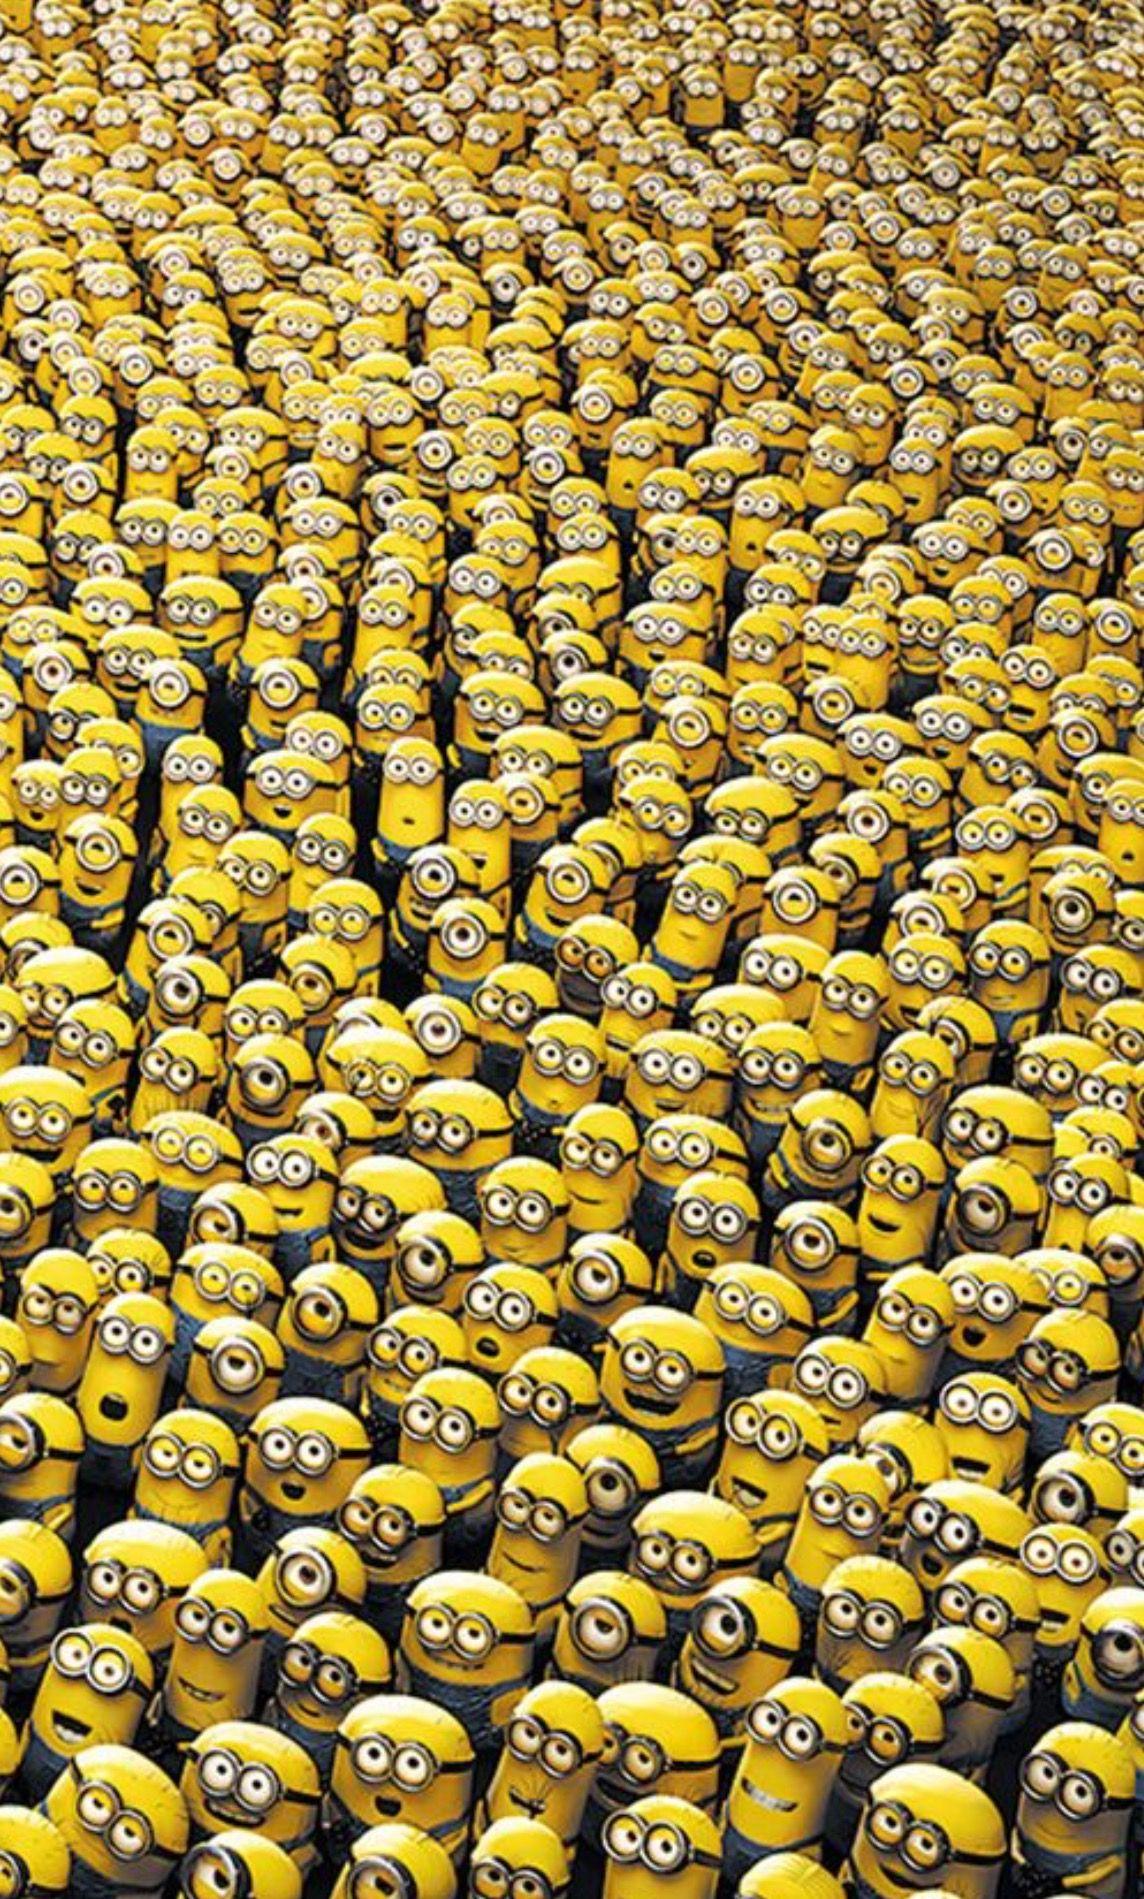 So so soooooooooooooooo many minions! !!!!!!!!!!!!!!